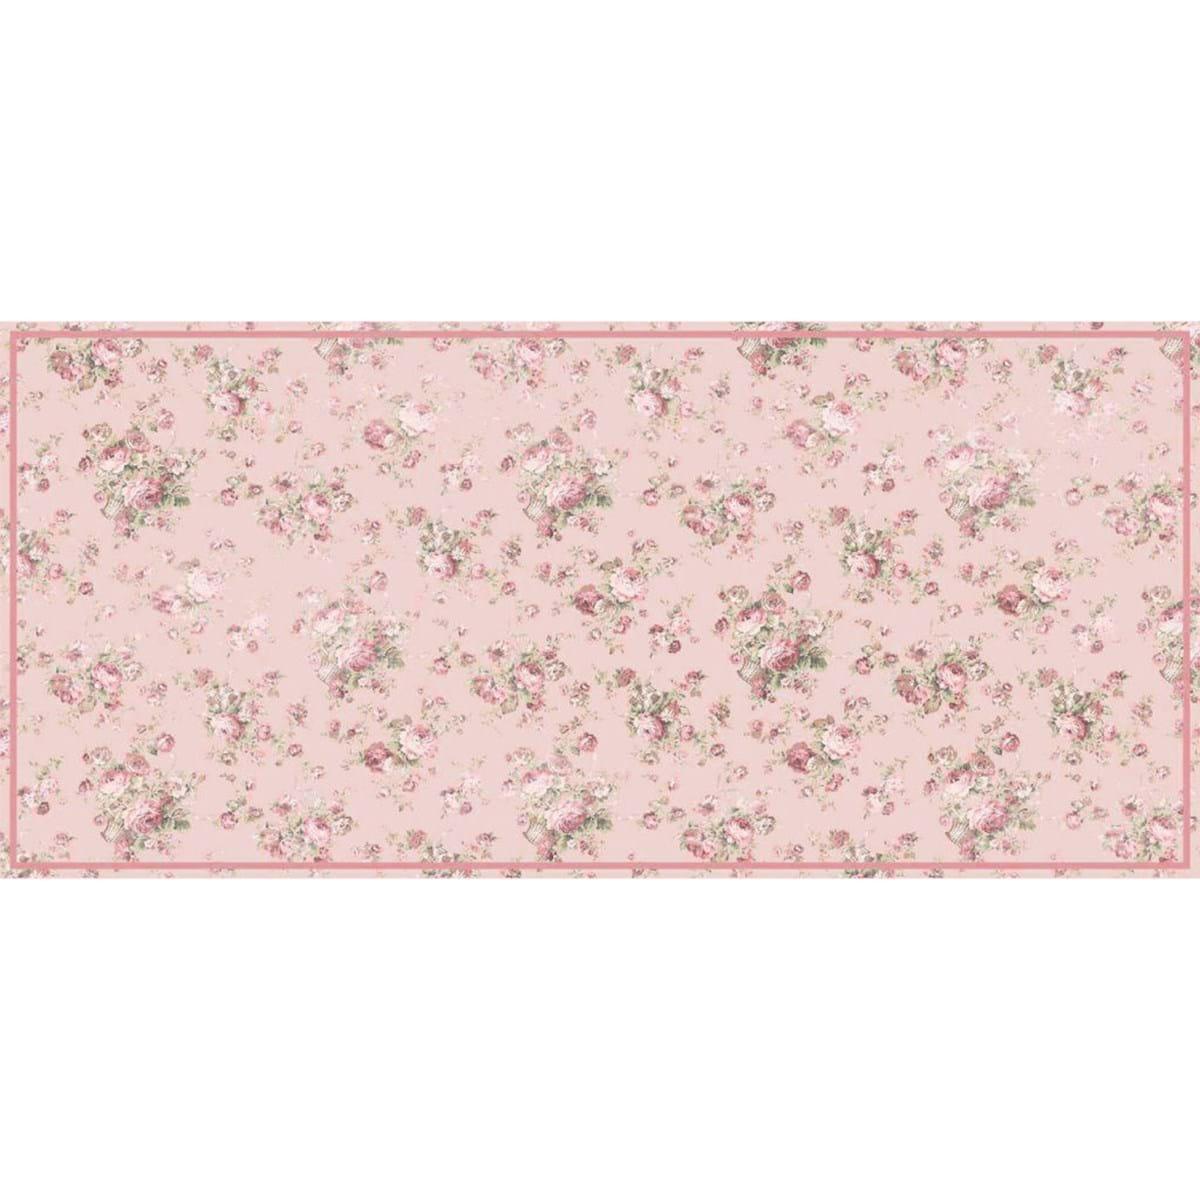 Tappetto rosa antico con roselline